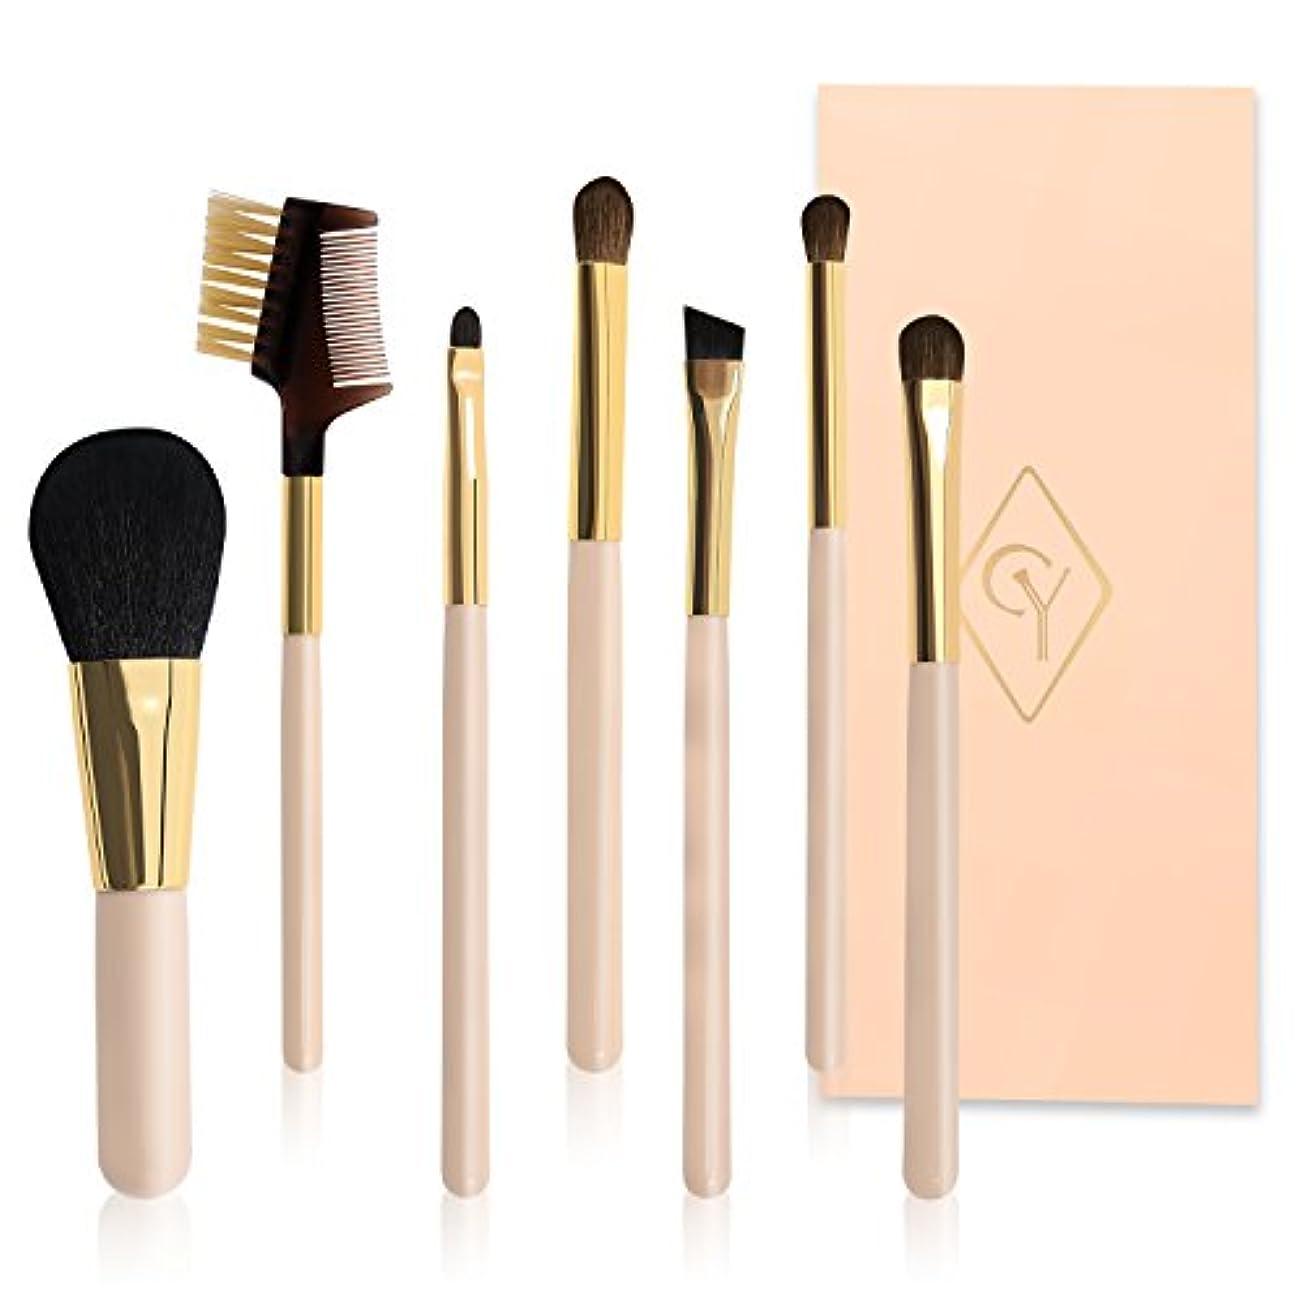 丈夫委員会調べるCHUYIN メイクブラシセット 化粧ブラシ旅行用 携帯便利 ピンク 7本セット アイスメイク 化粧筆